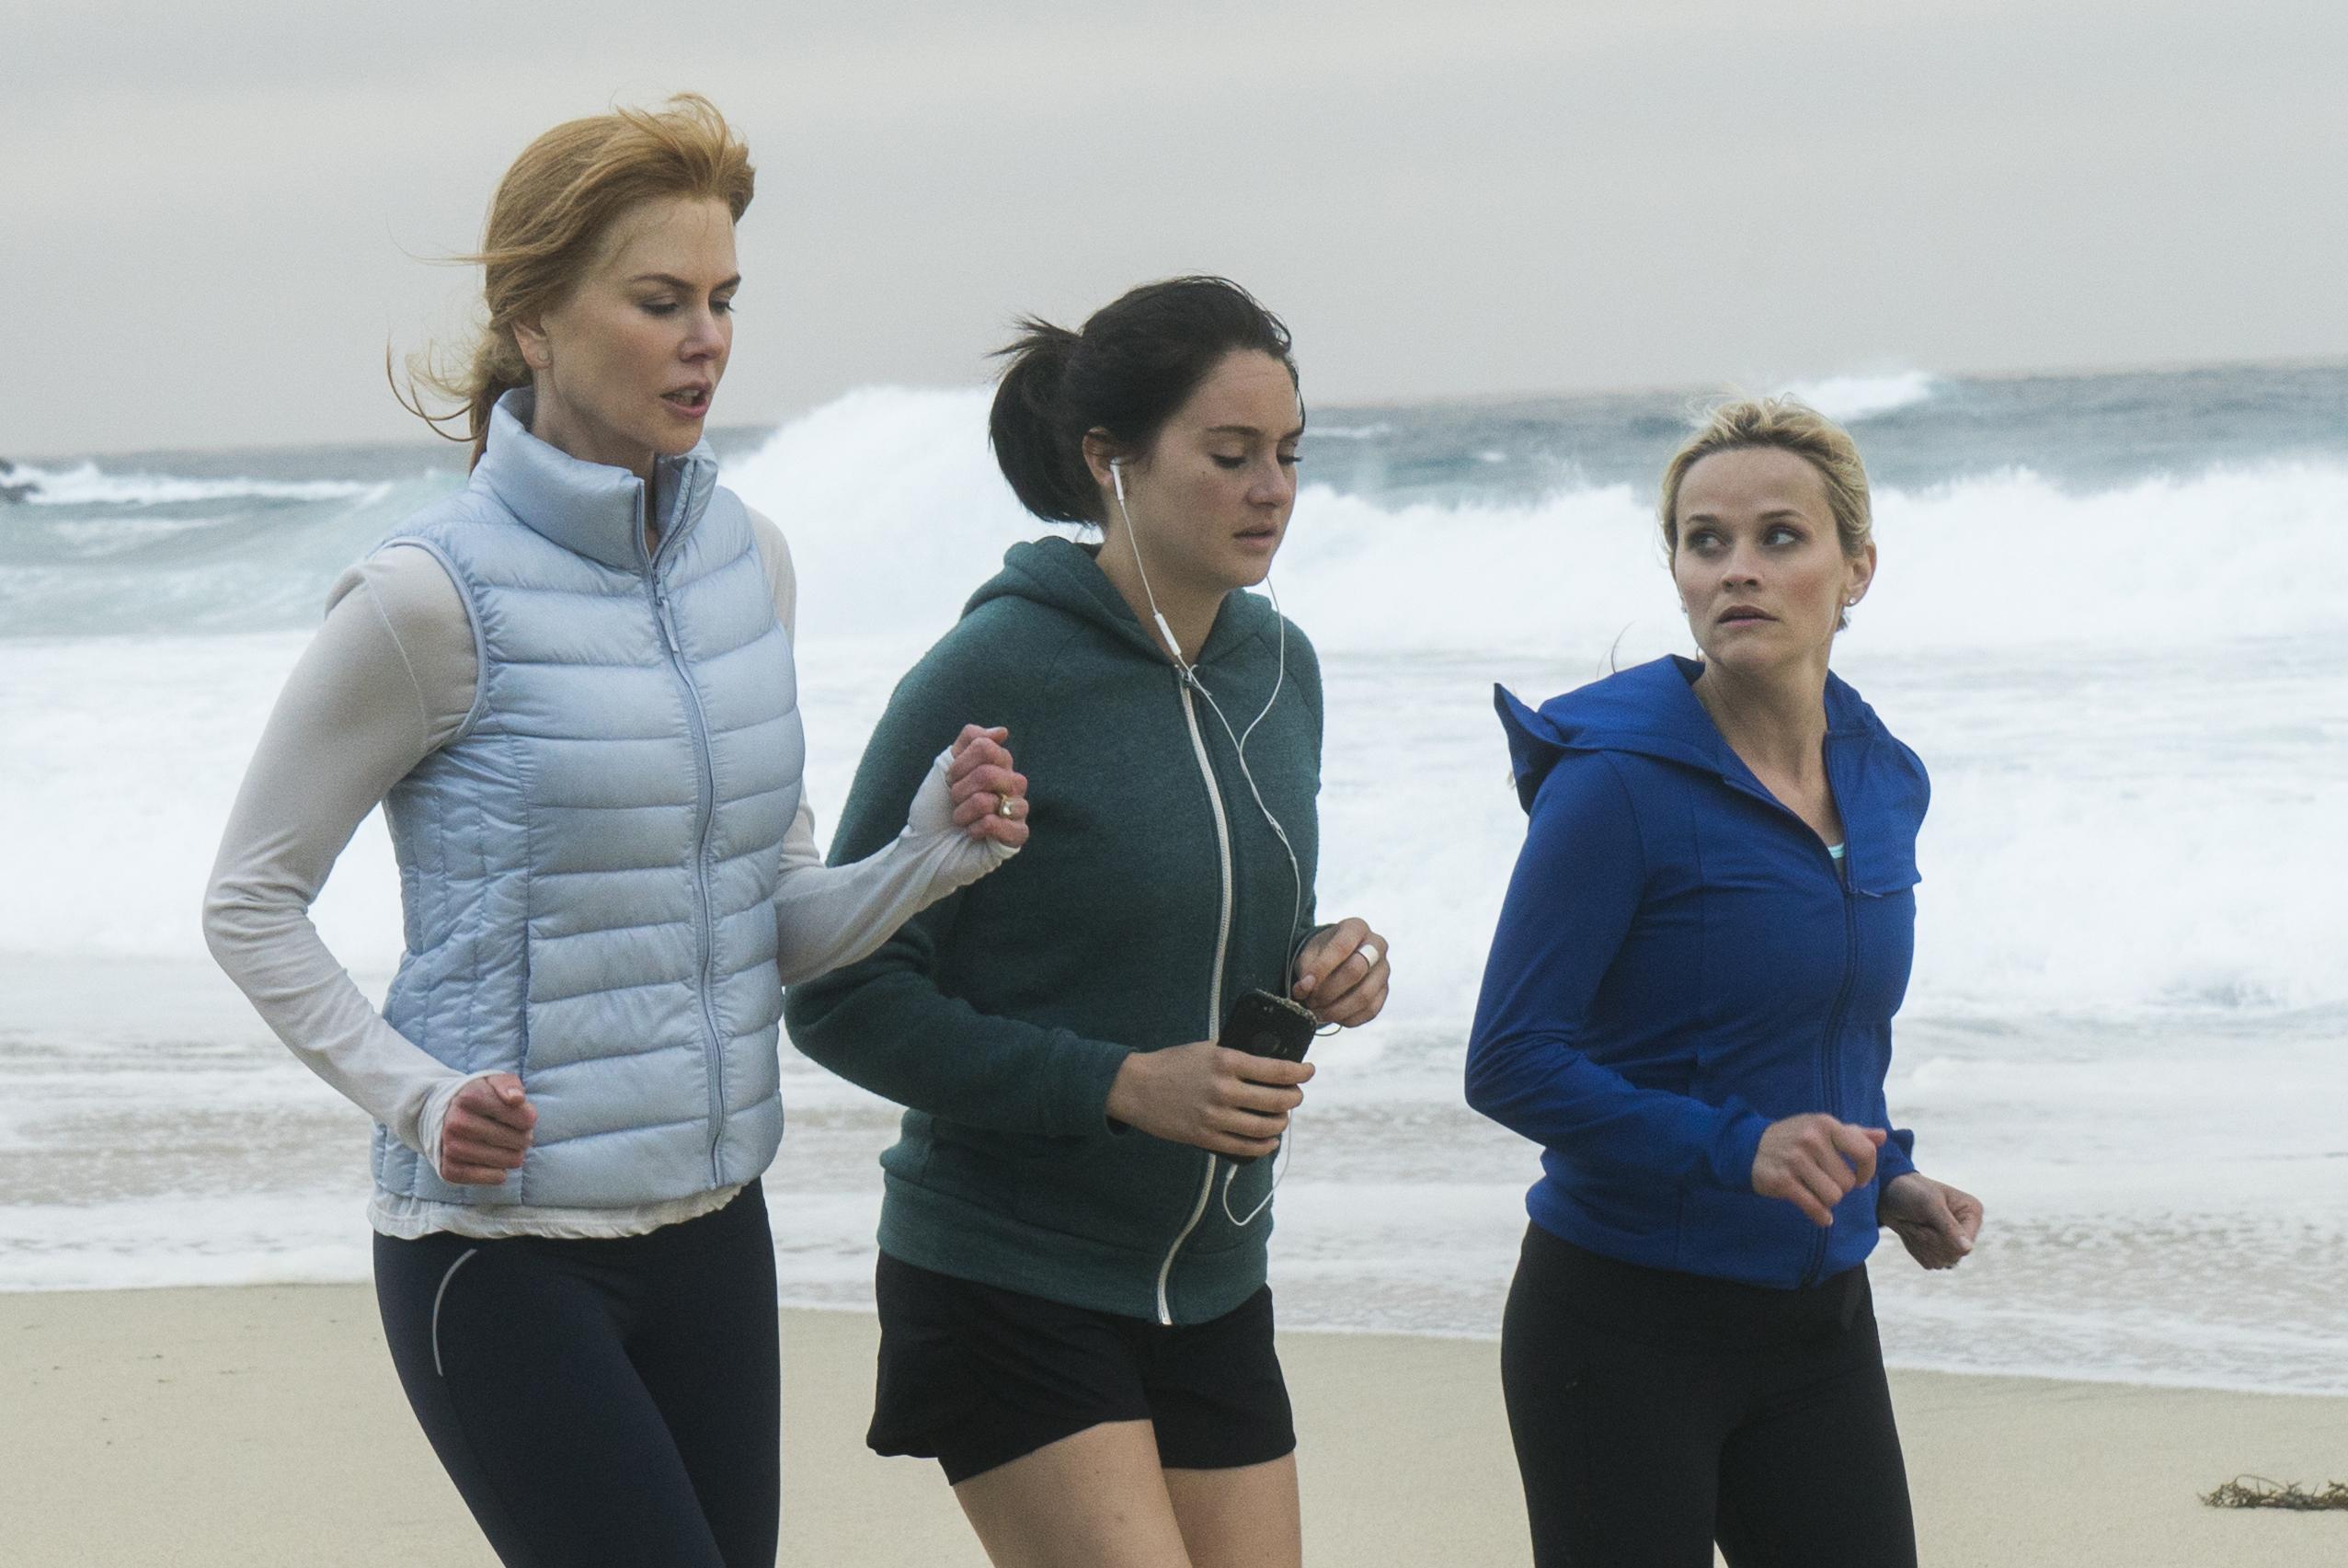 Women running in a still from Season 1 of 'Big Little Lies'